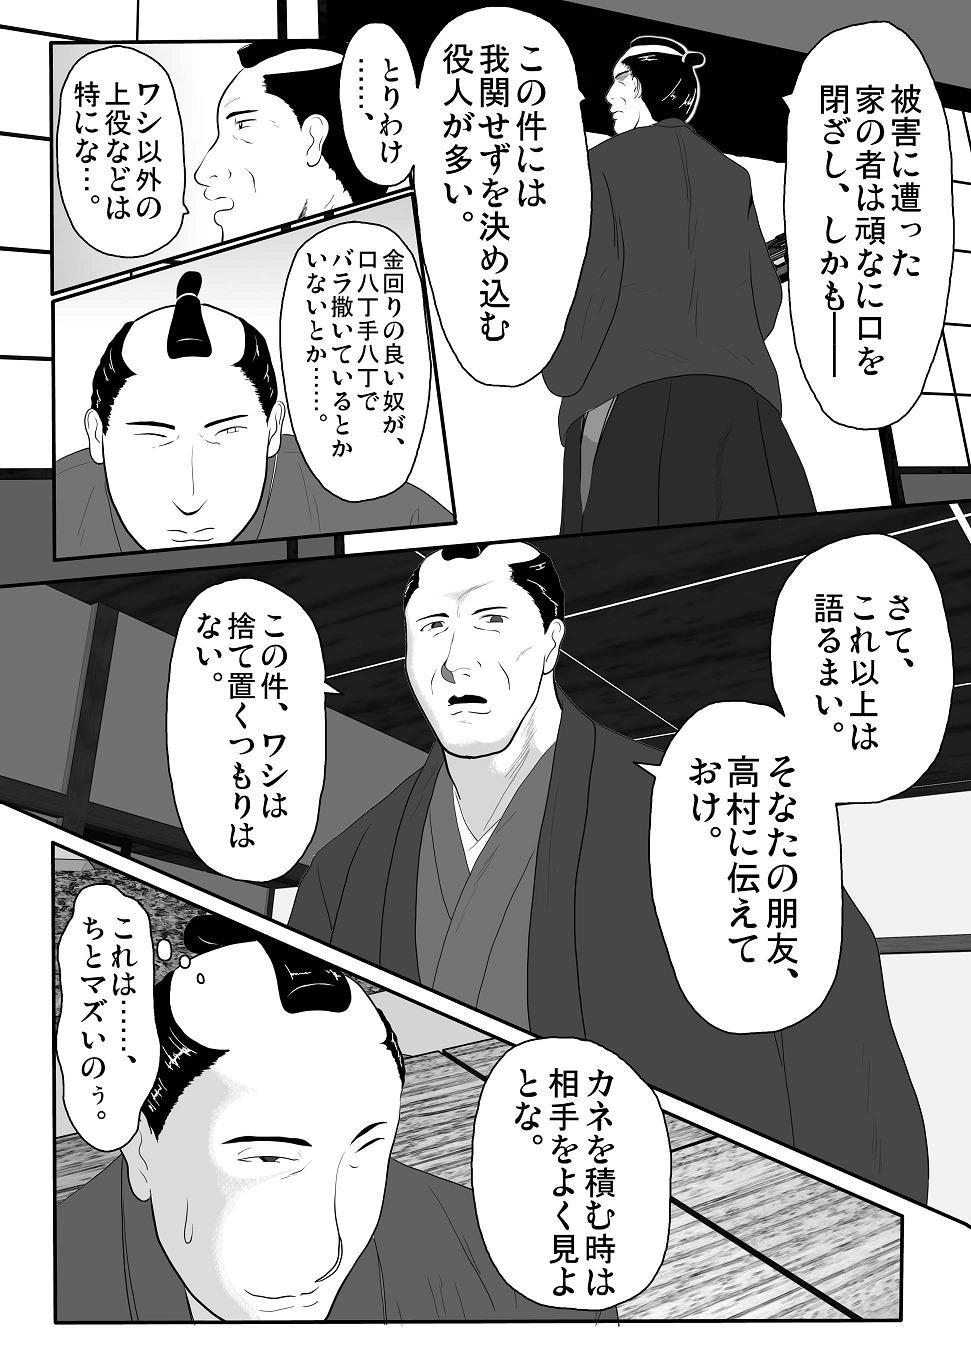 Toriko Naka Joku Hana 2 18